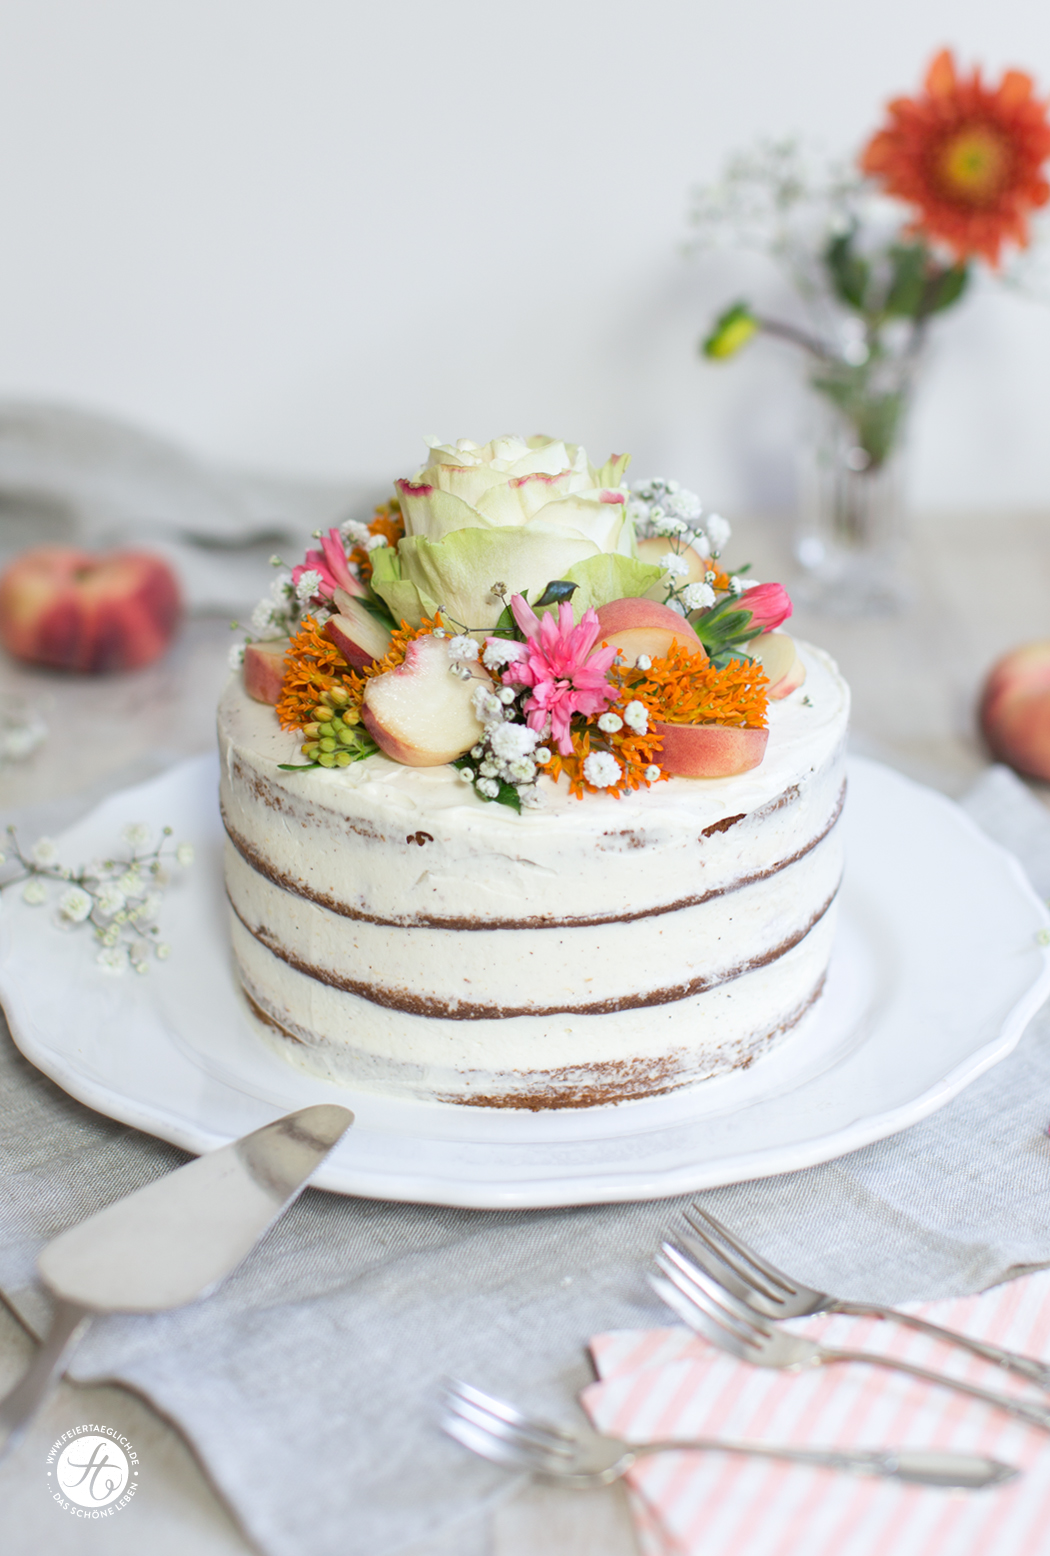 Pfirsich-Vanille-Törtchen in Flower-Power-Laune | Rezept von feiertaeglich.de